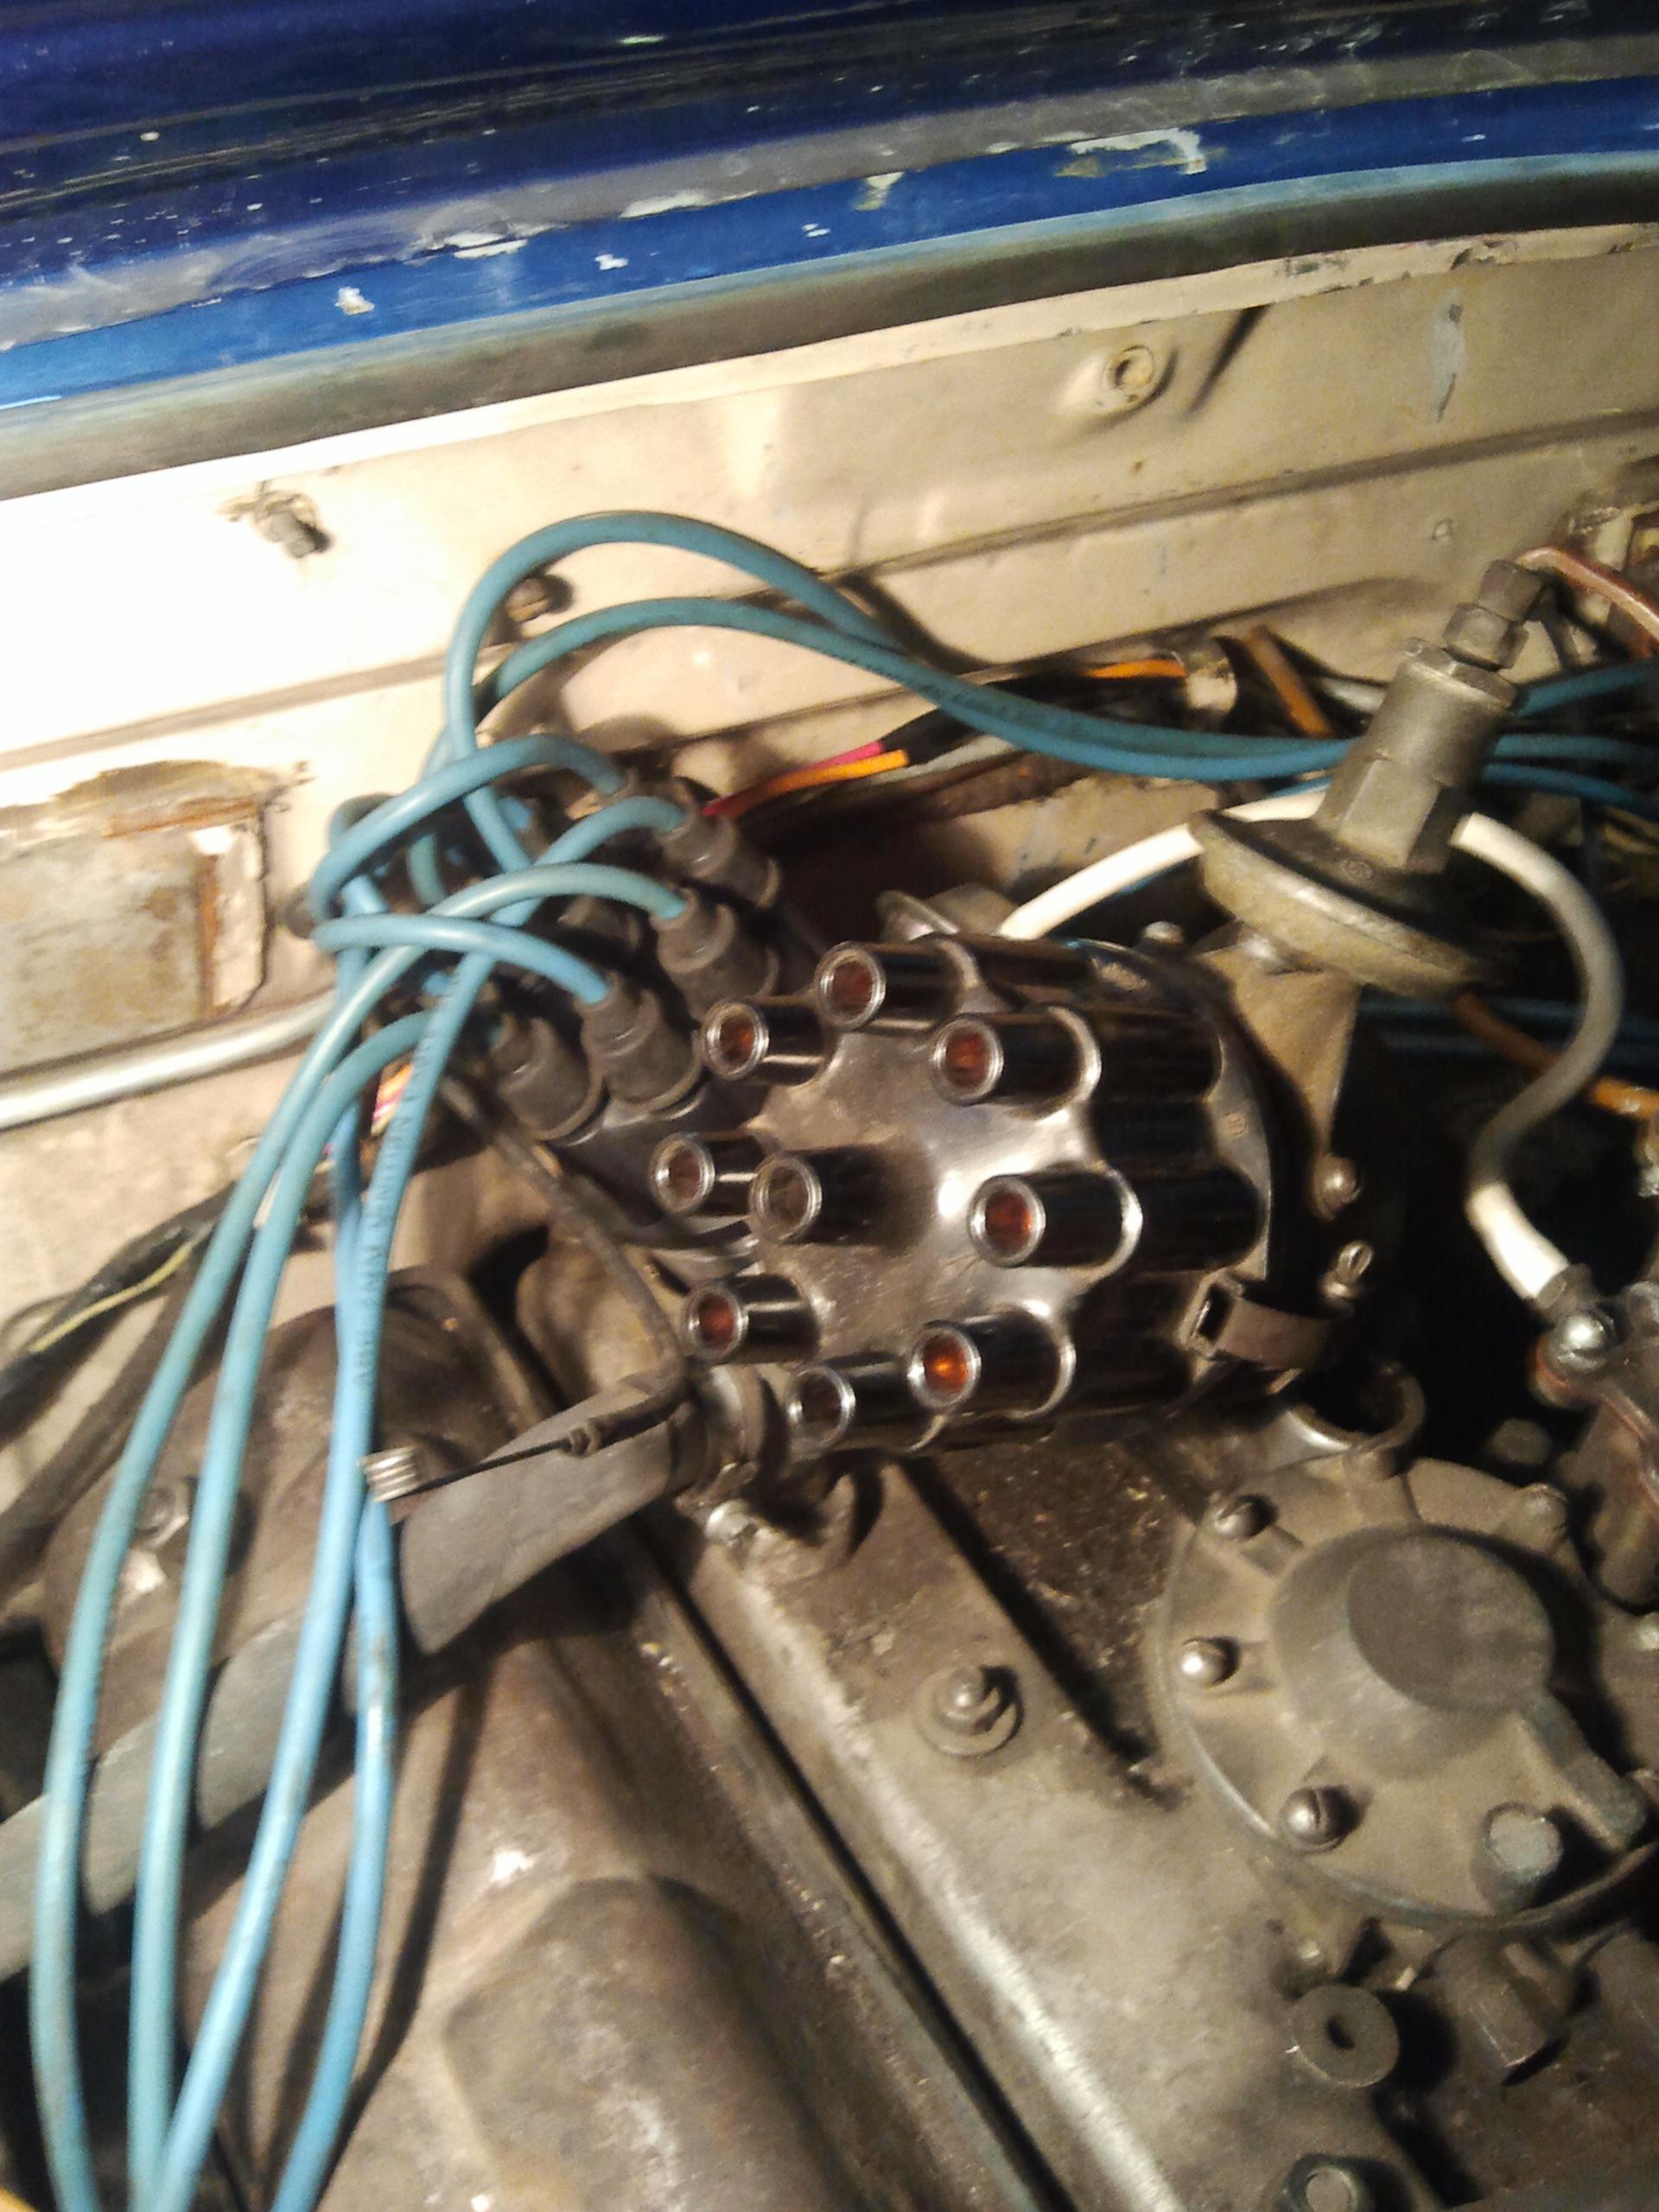 катушка зажигания от газ 53 и его схема проводов